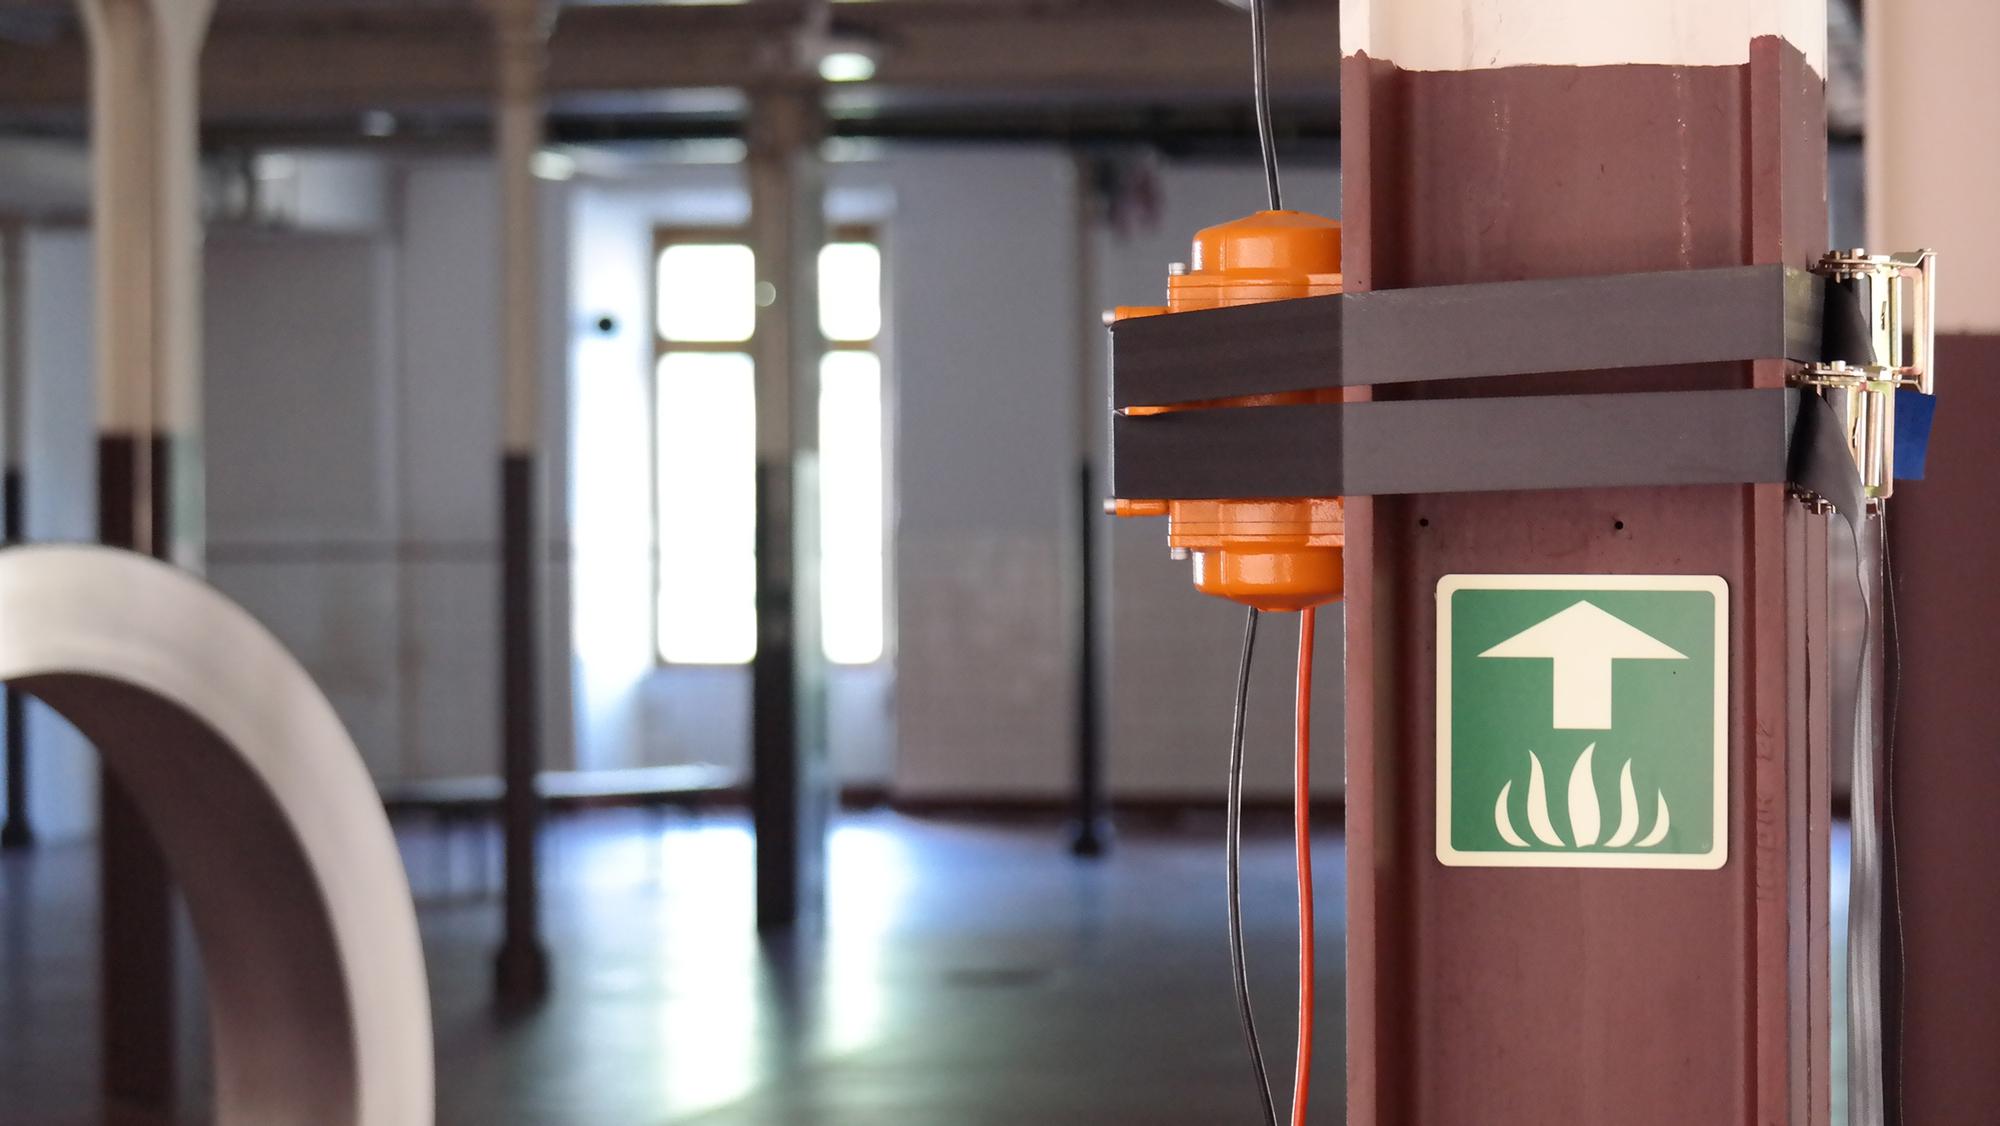 Elettrosciocco, Foreignness Walkabout Incantamento; Fondazione La Fabbrica del cioccolato, Stabili Cima Norma; Torre Blenio, Switzerland, Photo © Claudio Tornieri